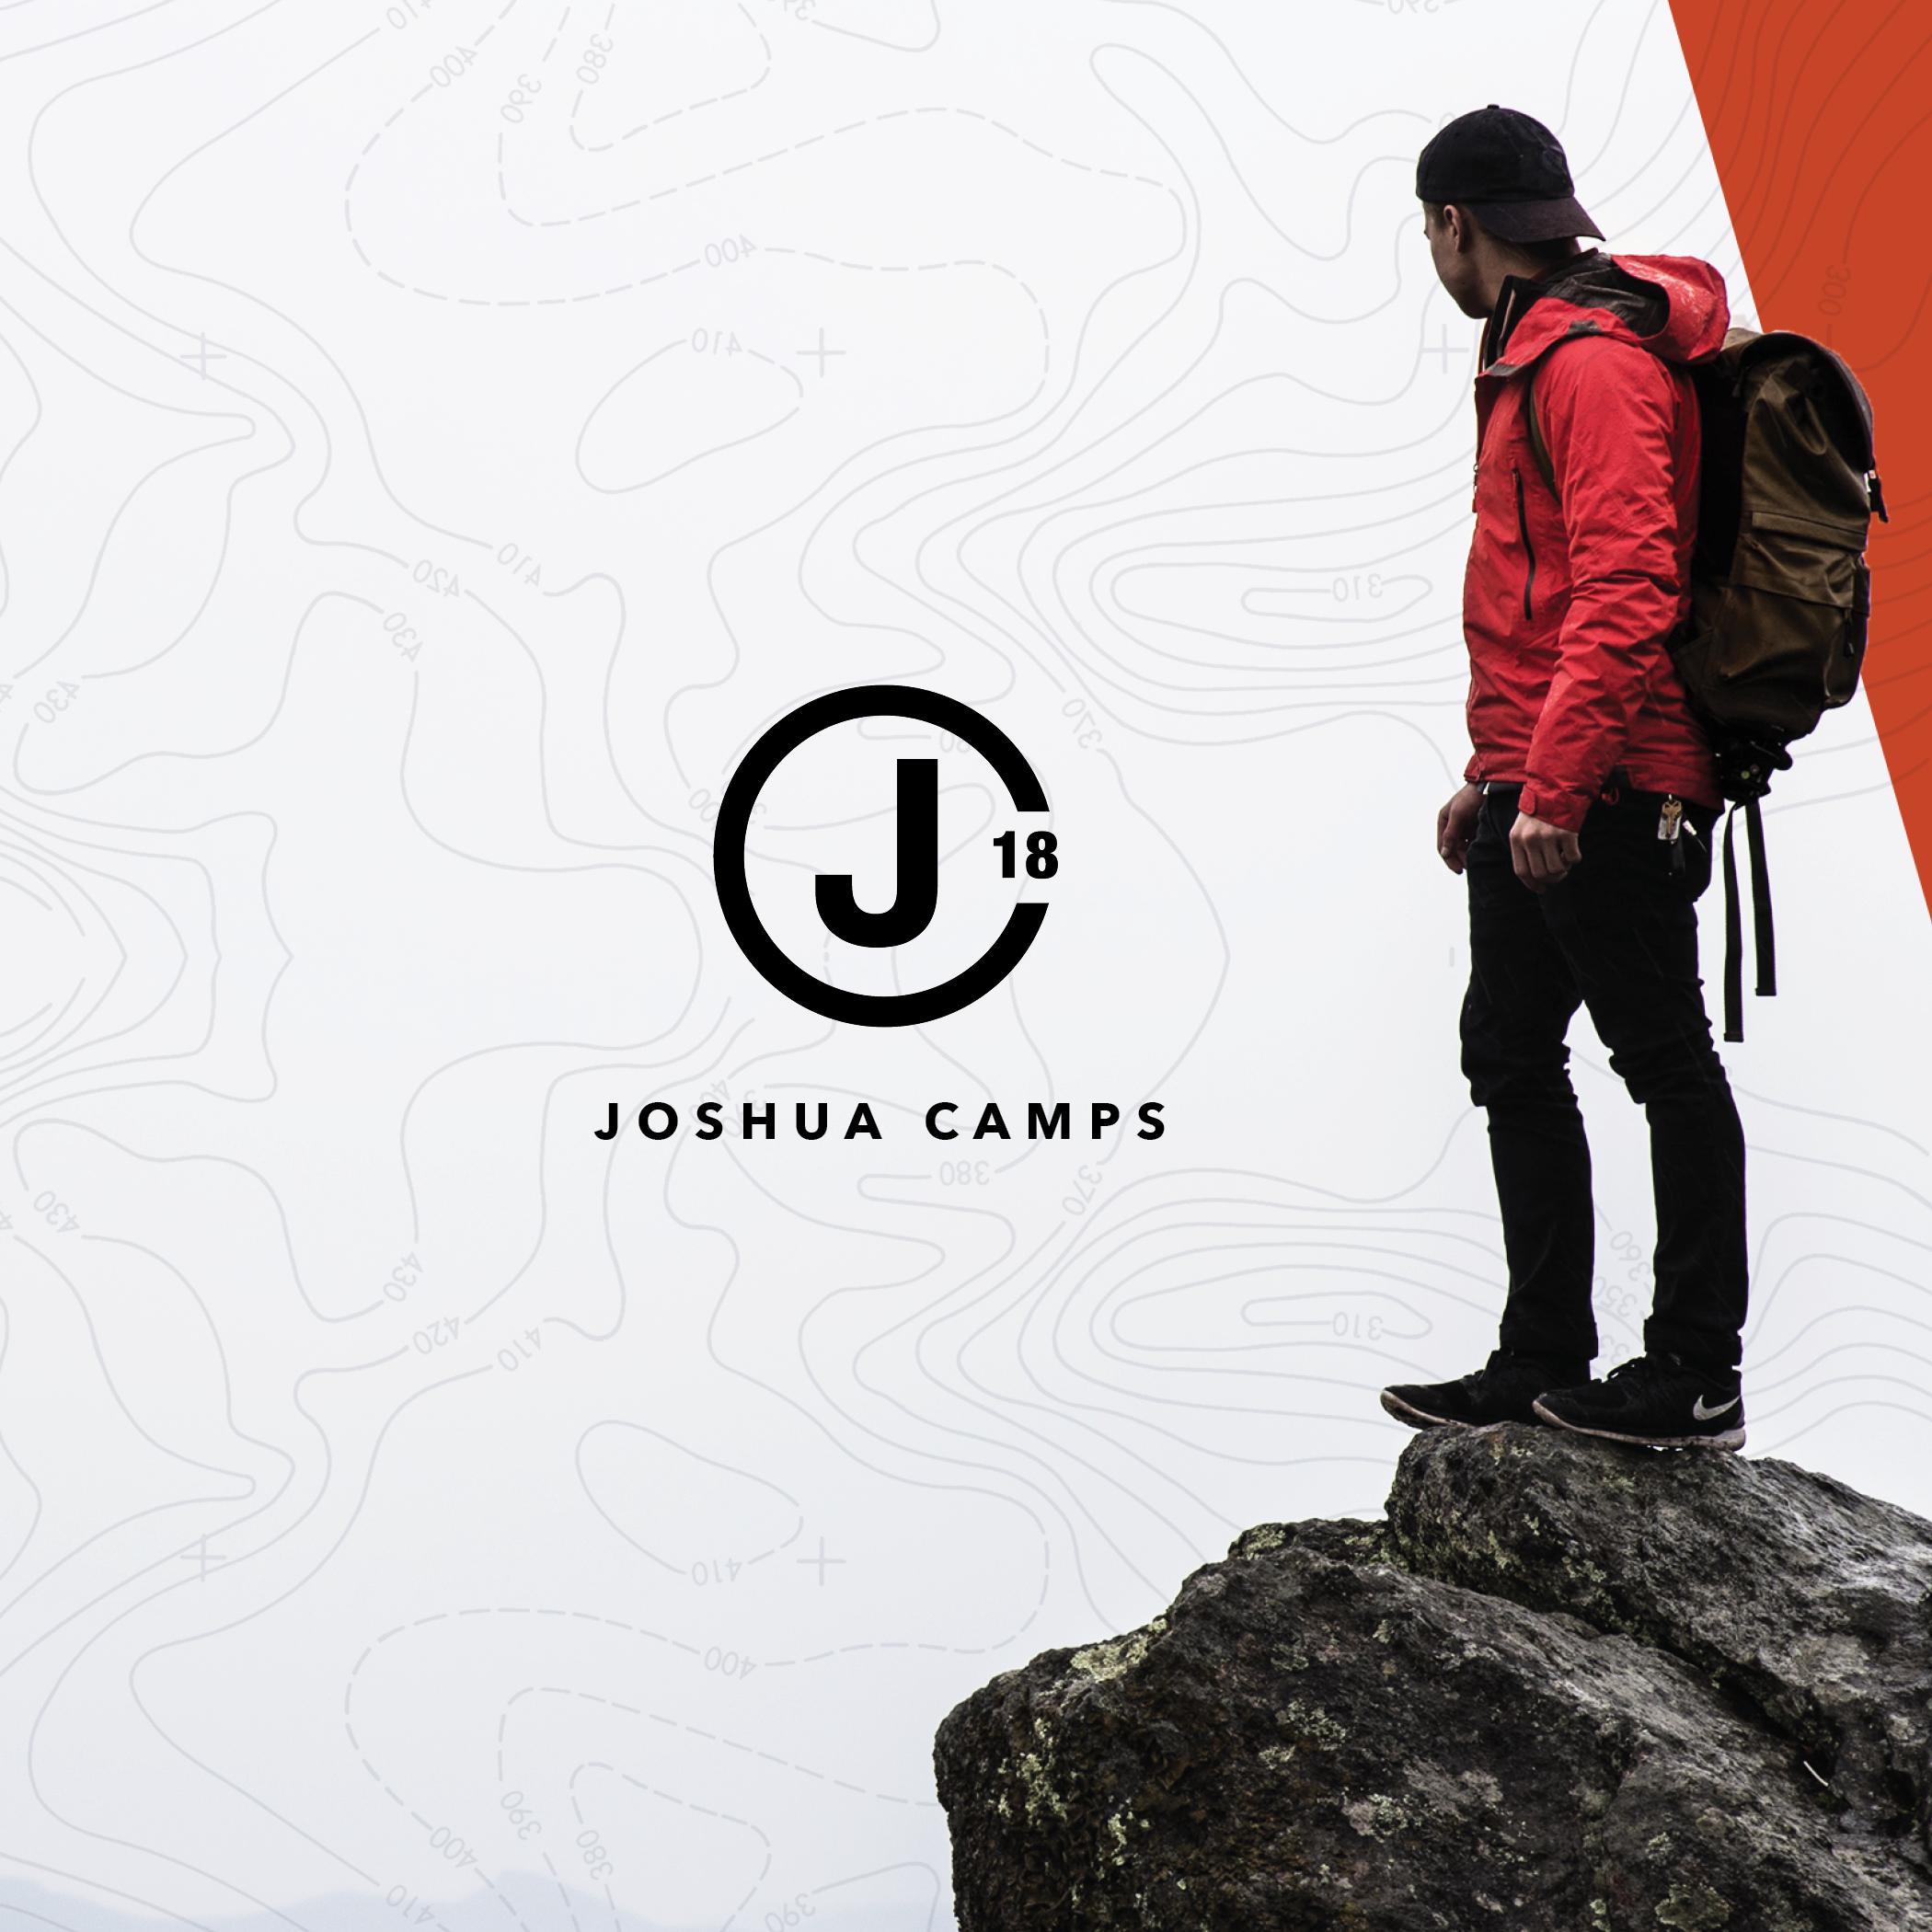 joshua camp social media posts.jpg